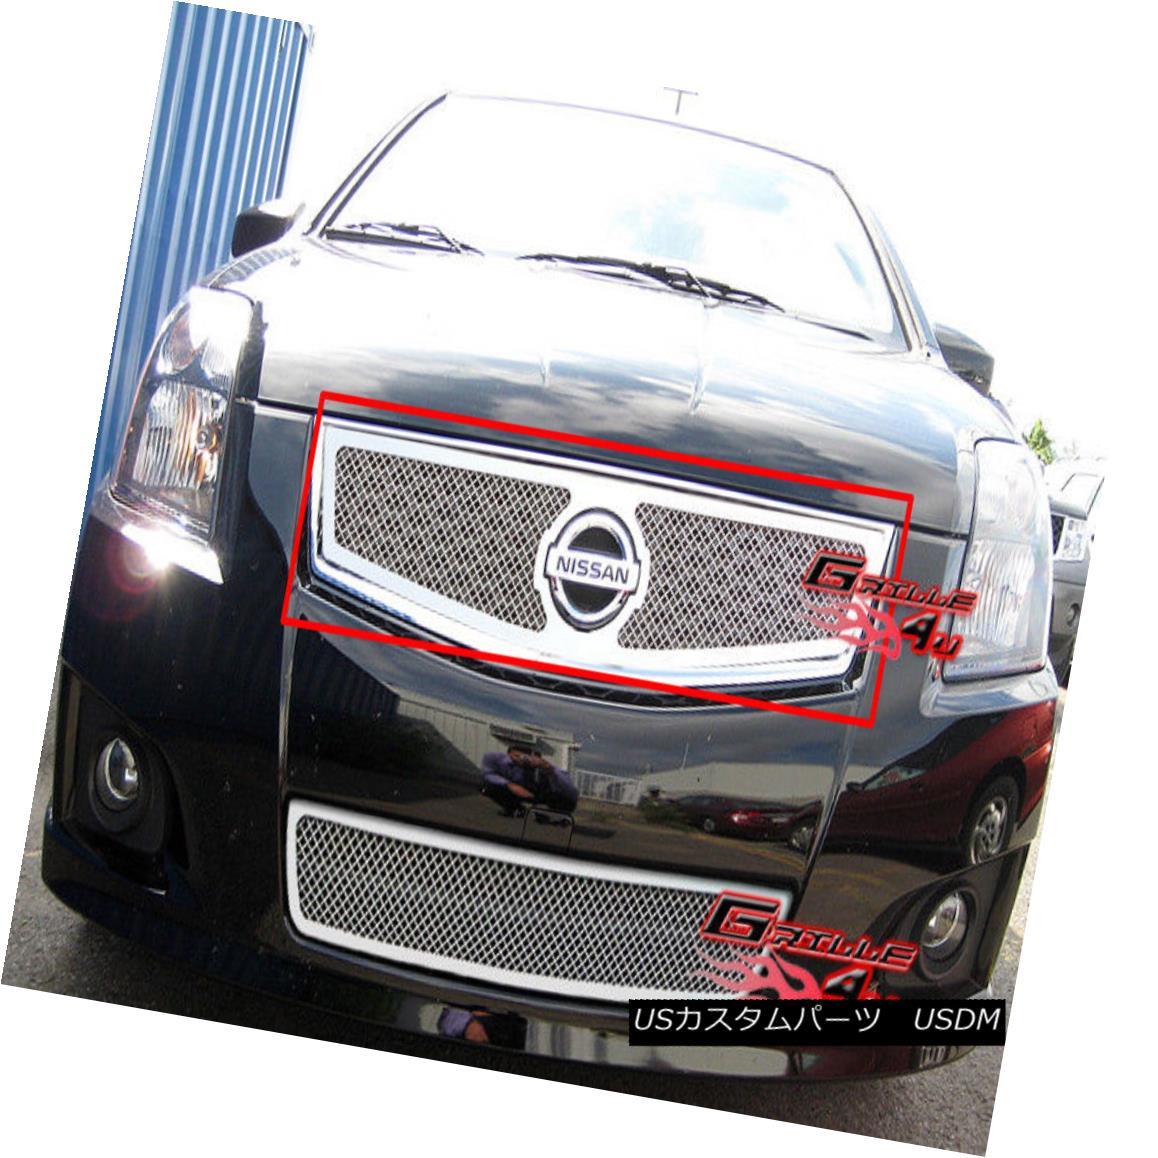 グリル Fits 07-10 Nissan Sentra Stainless Mesh Grille Insert 07-10 Nissan Sentraステンレスメッシュグリルインサート